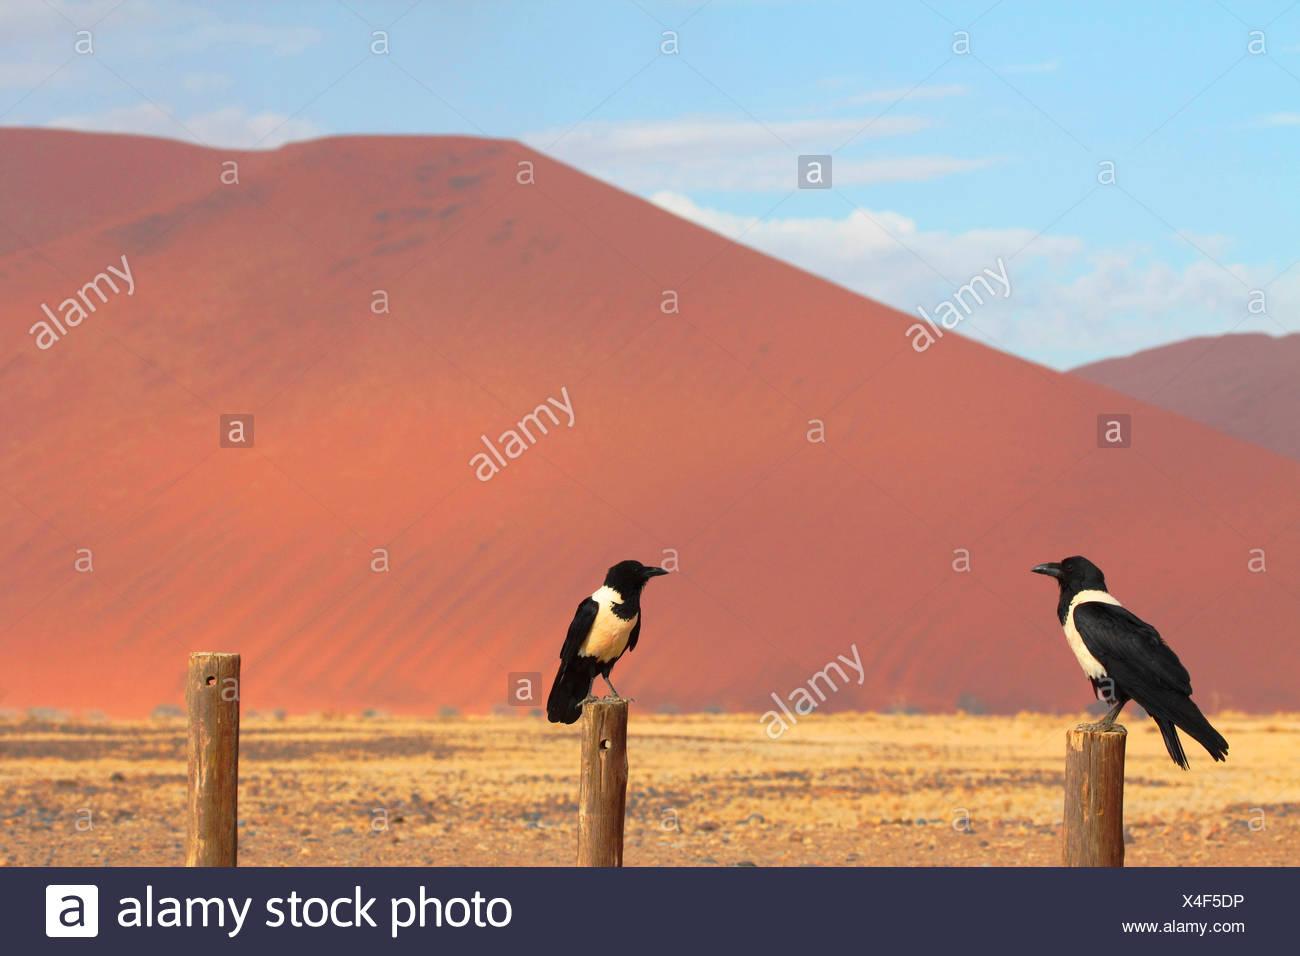 pied Crow (Corvus Albus), zwei Krähen sitzen auf Fechten Beiträge vor den Sanddünen des Namib Dessert, Namibia, Namib Naukluft National Park, Sossusvlei Stockbild